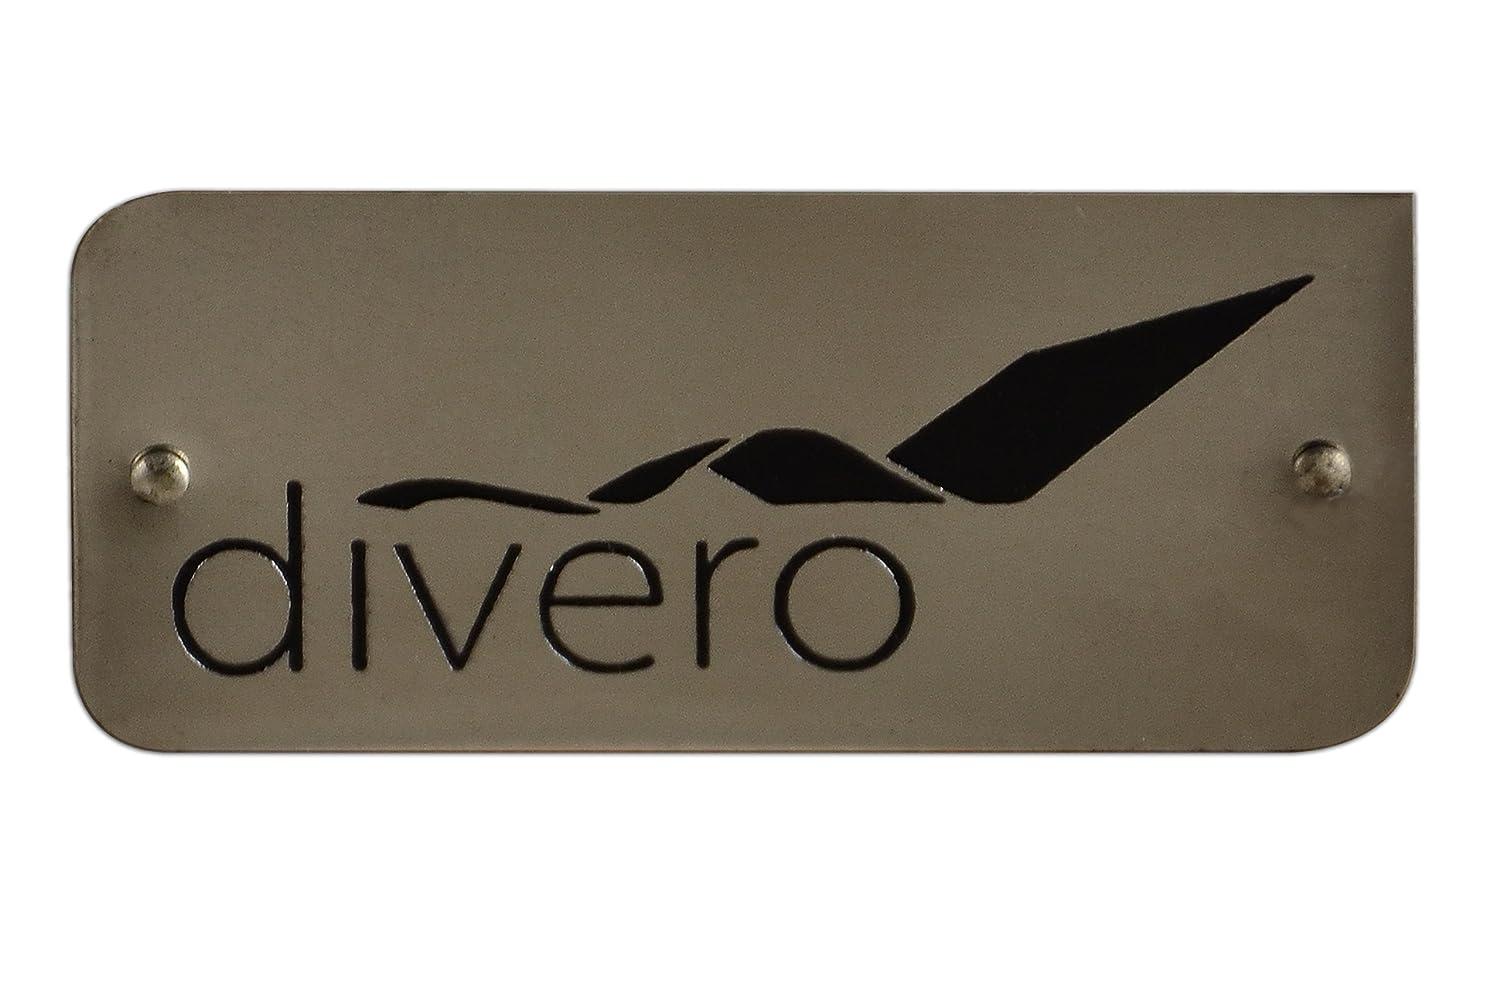 Divero Gartenm/öbel-Set Terrassenm/öbel-Garnitur Sitzgruppe 5-tlg Tisch achteckig /Ø 100 cm 4 x Holzstuhl klappbar Teakholz massiv behandelt